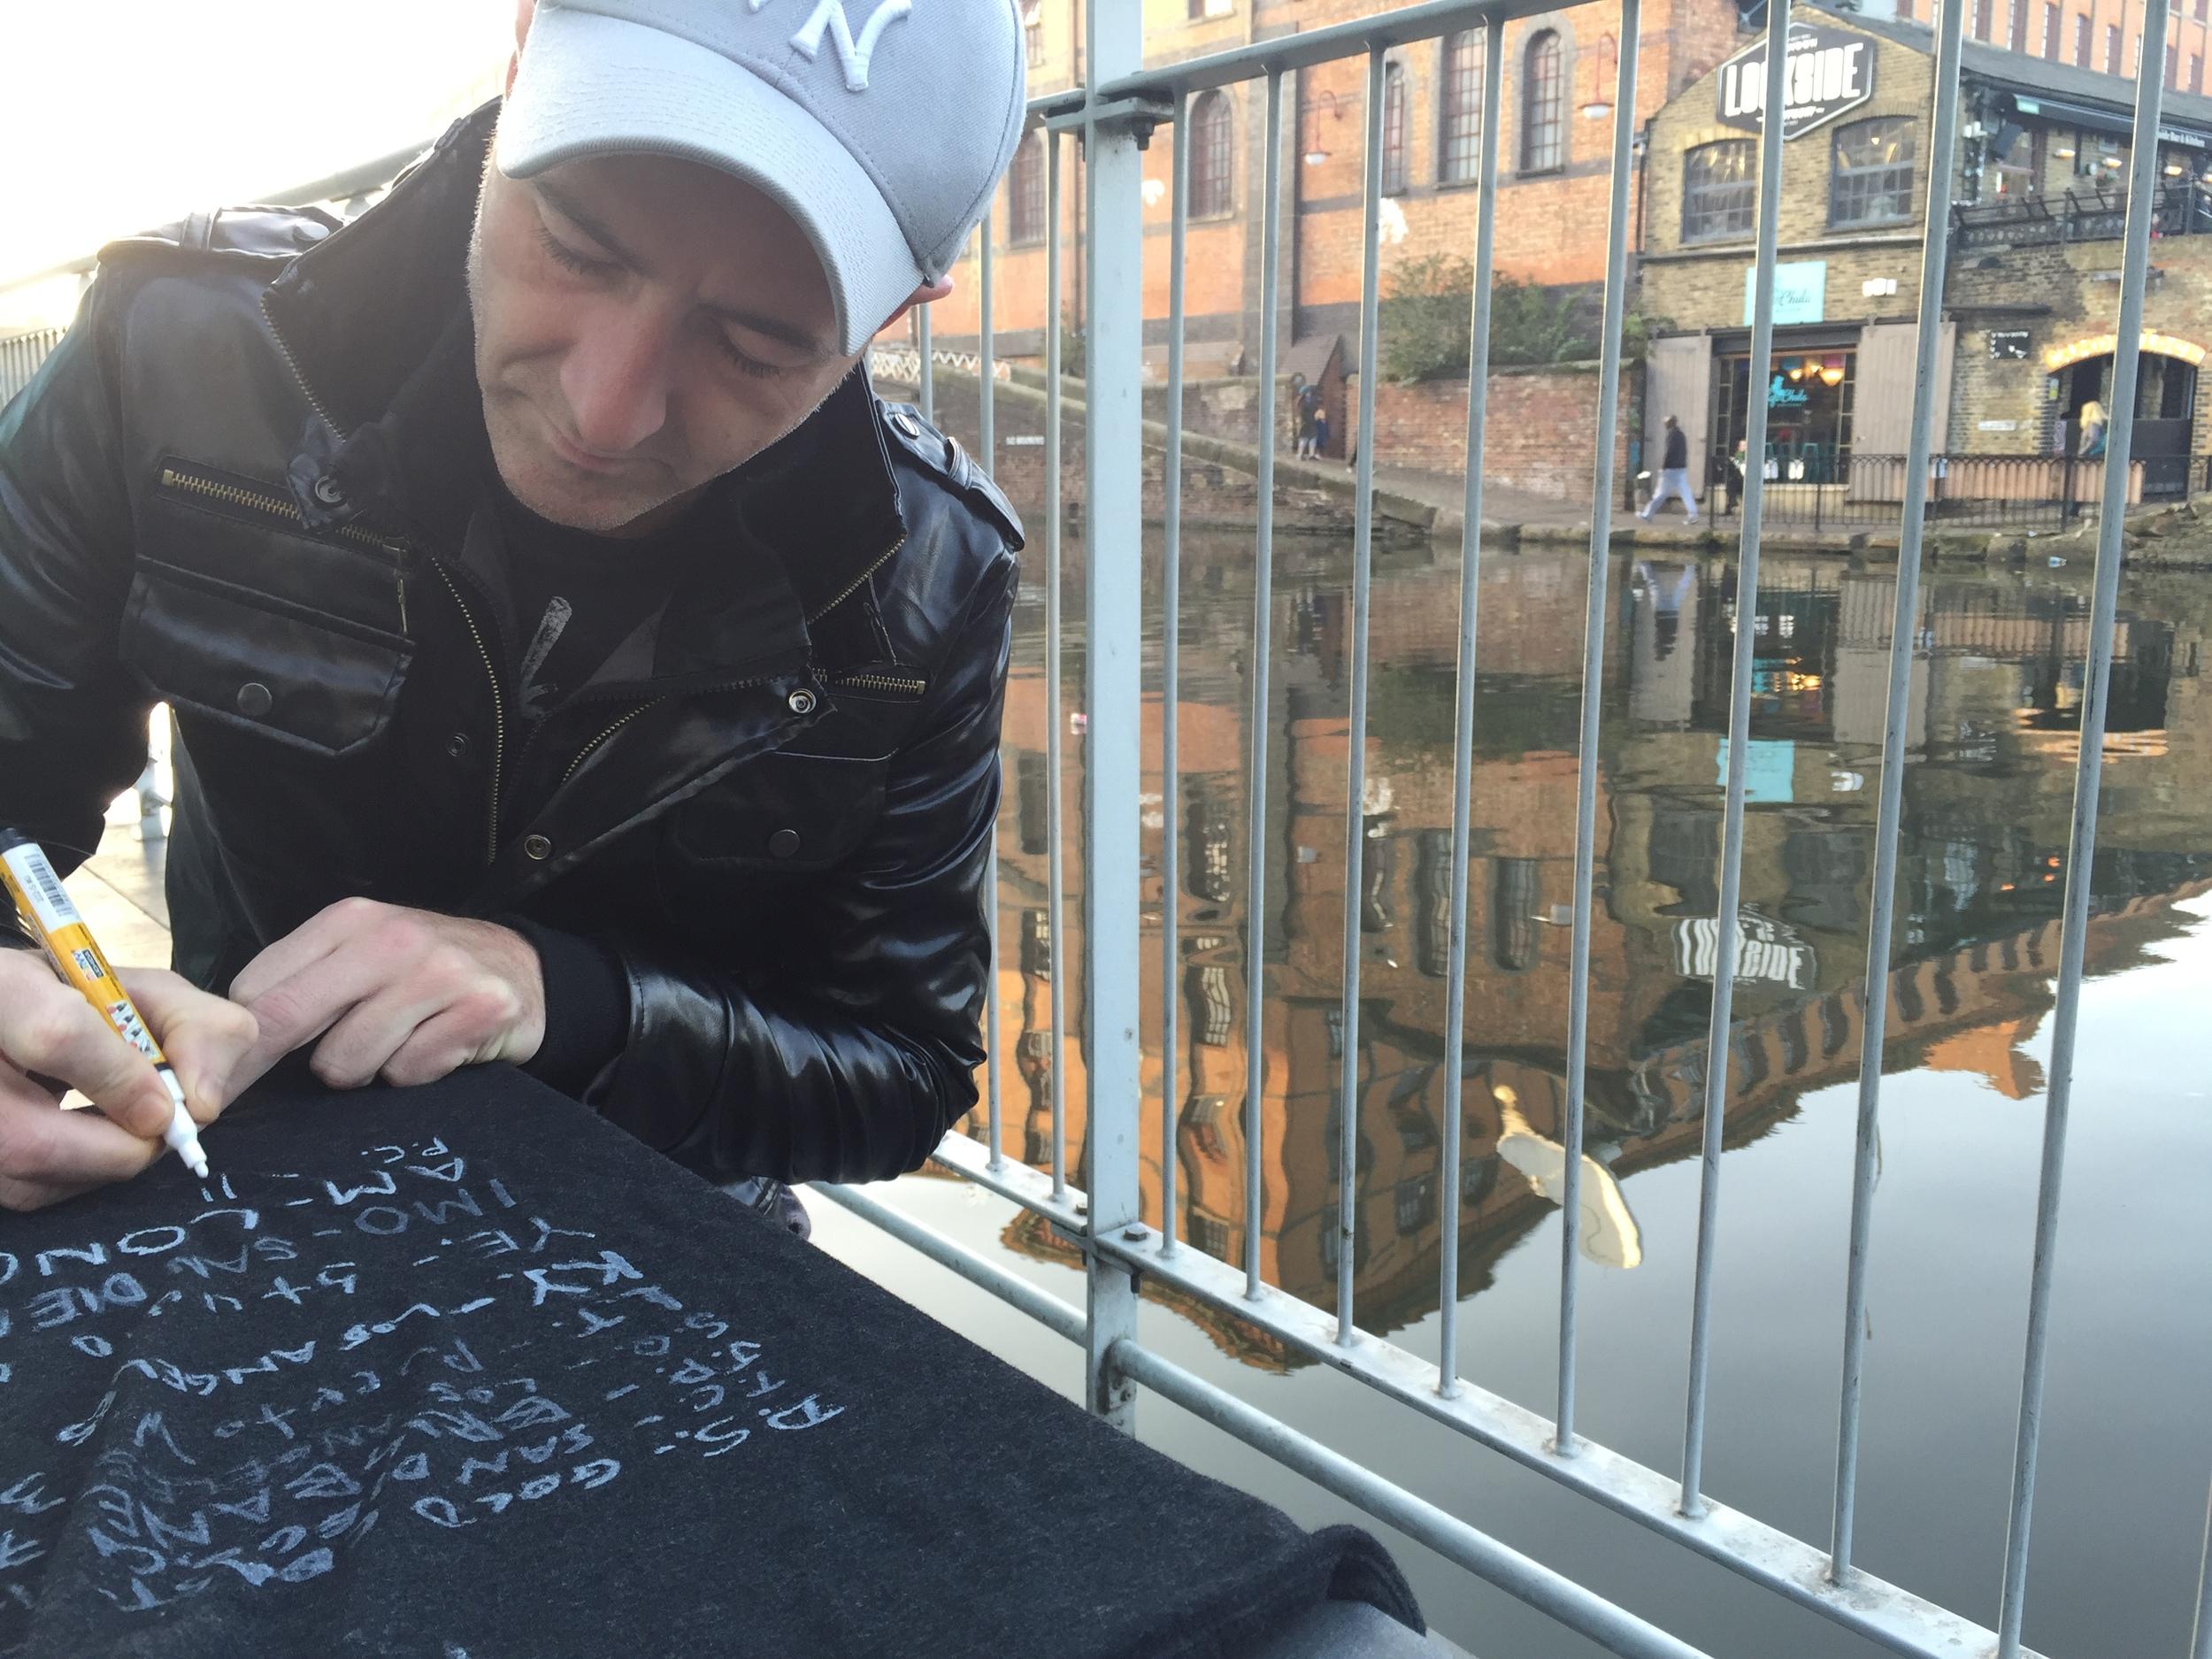 Patric signs the DG shirt at Camden Lock